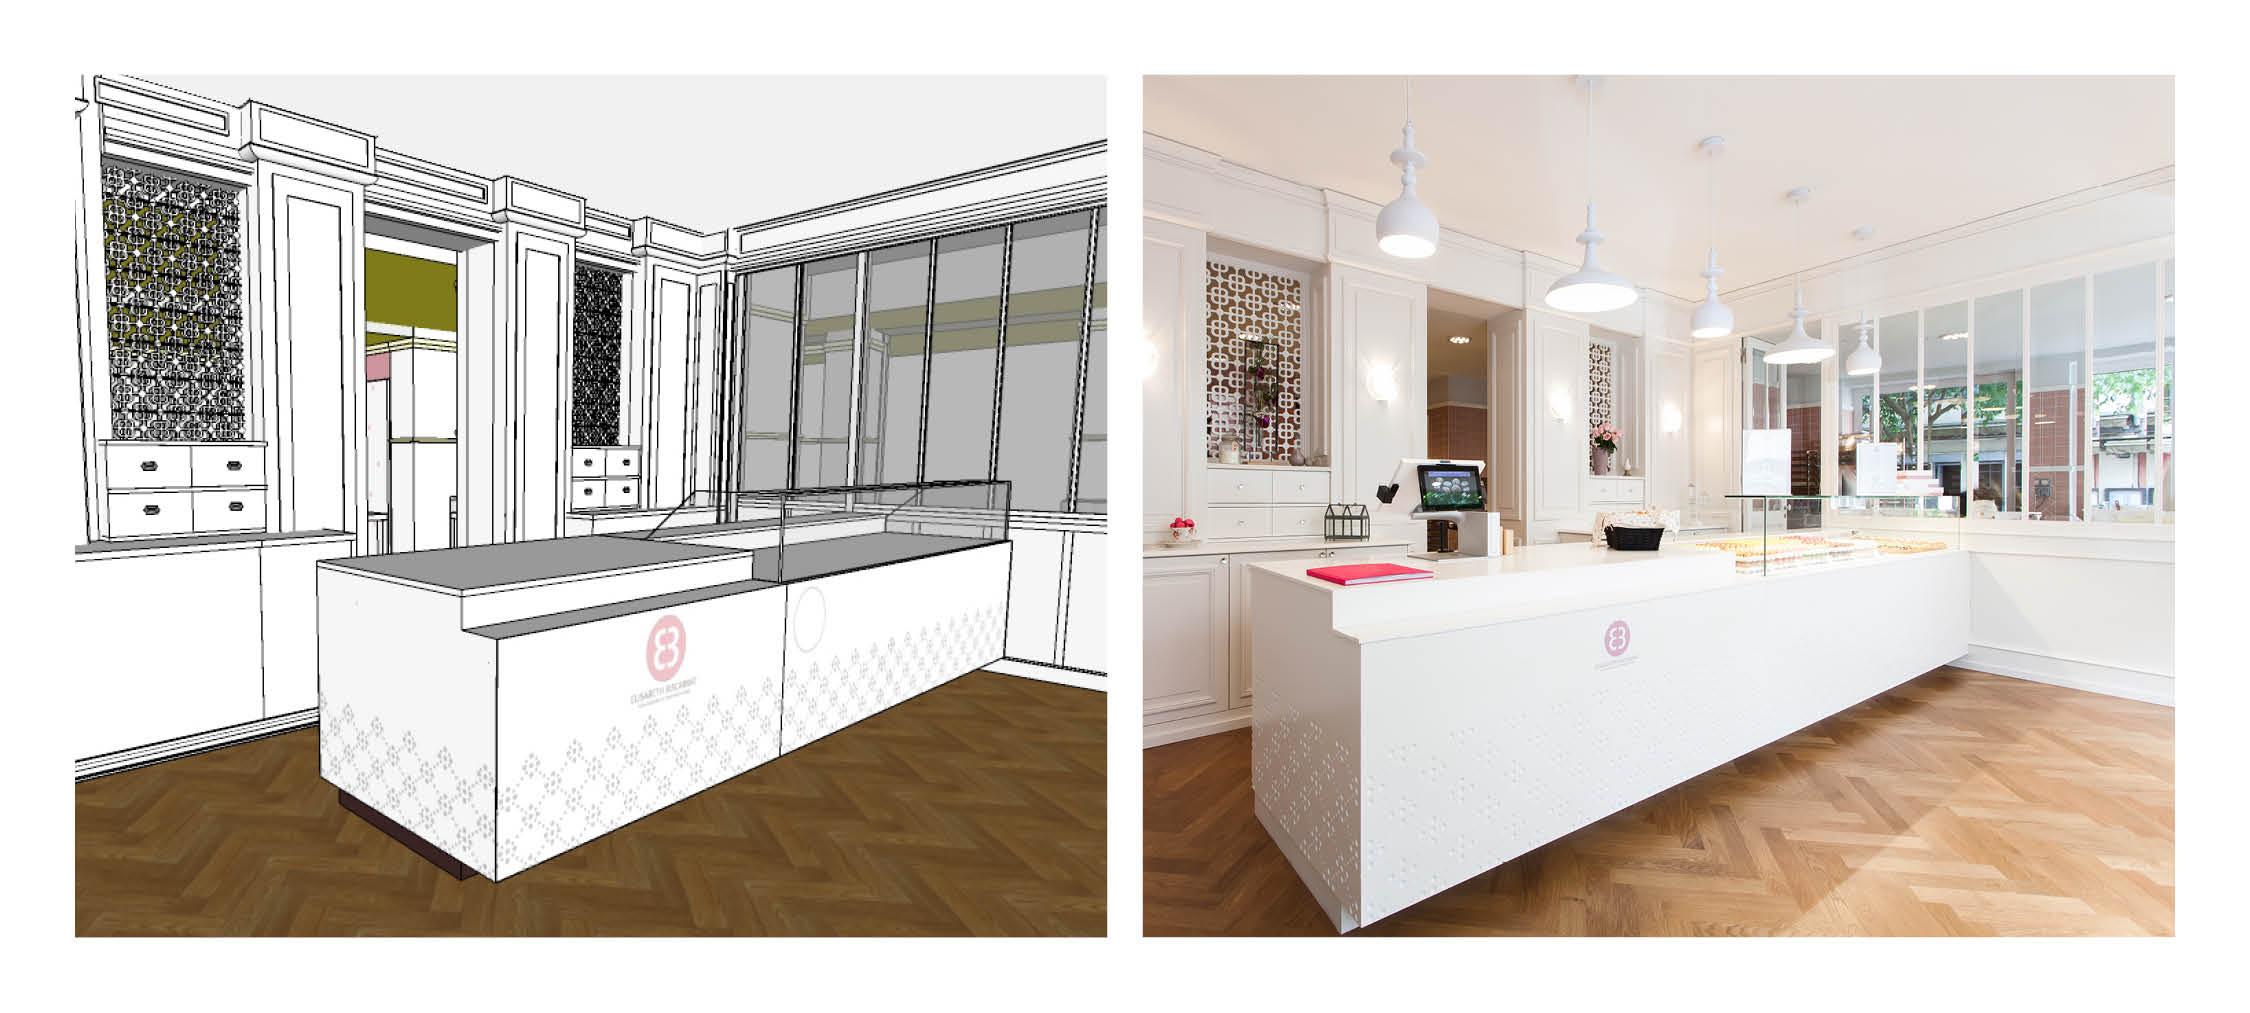 Bts design d je vous partage mon parcours - Bts architecte d interieur ...